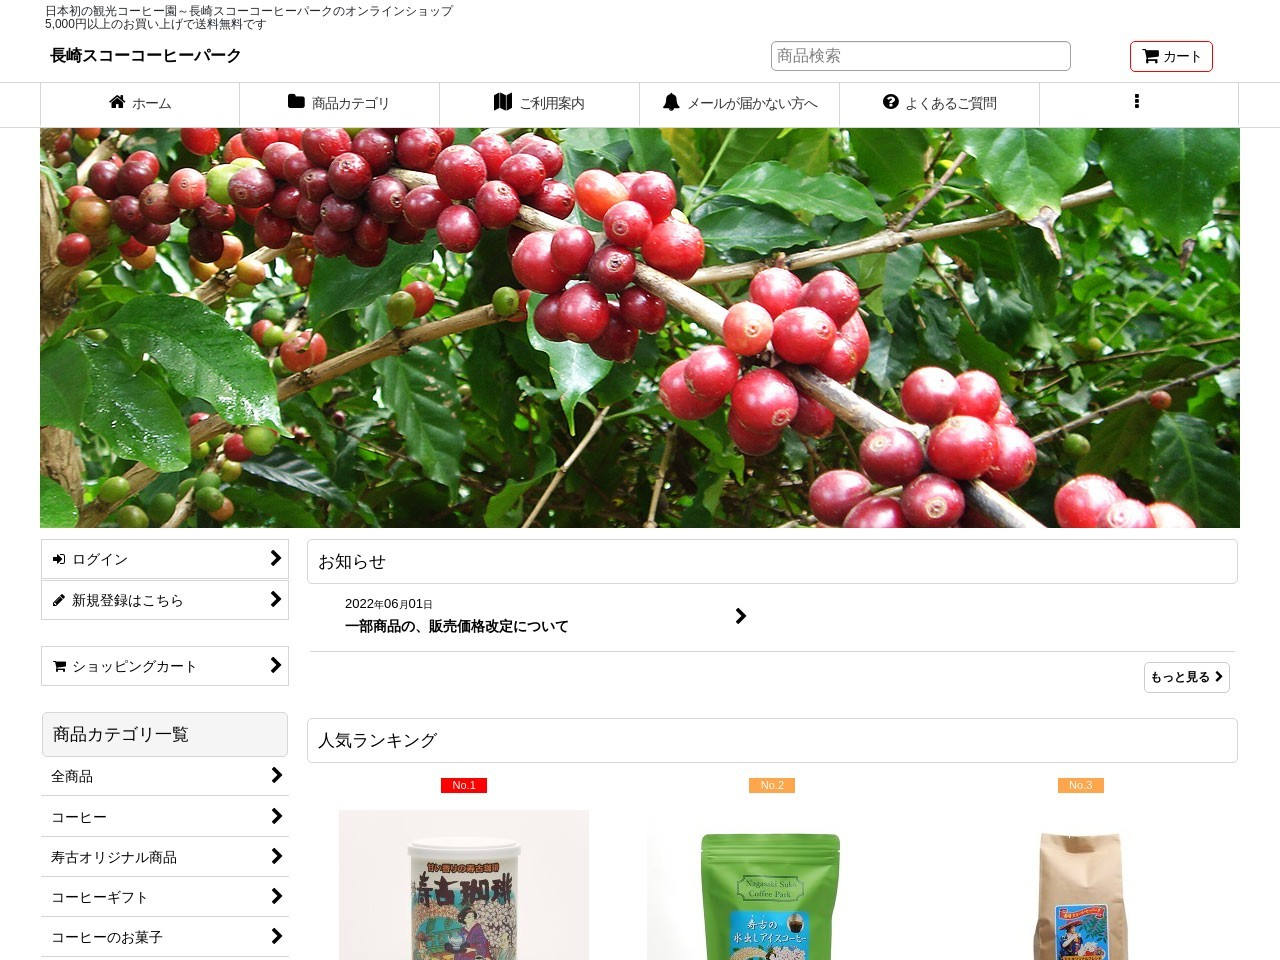 長崎スコーコーヒーパーク~日本初の観光コーヒー園 長崎・寿古コーヒーの名物ギフト